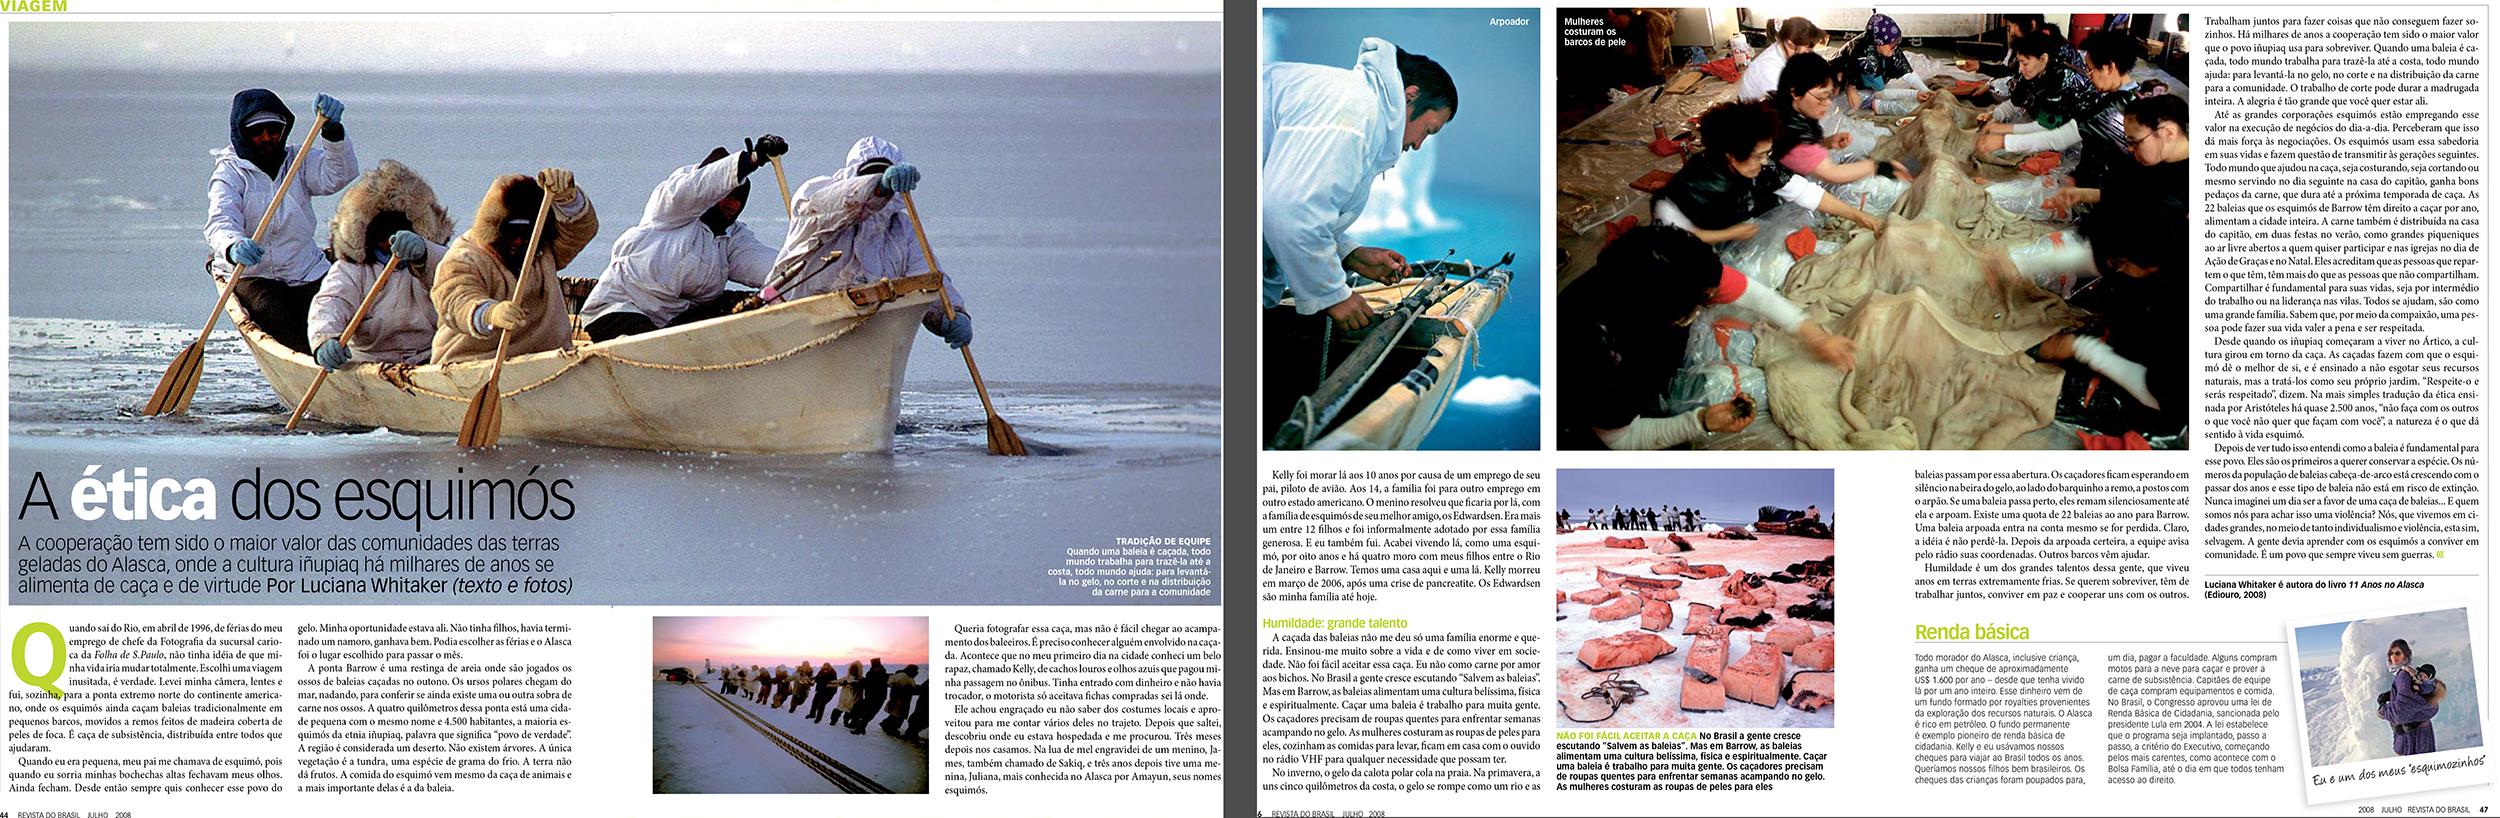 Revista do Brasil, Brazil